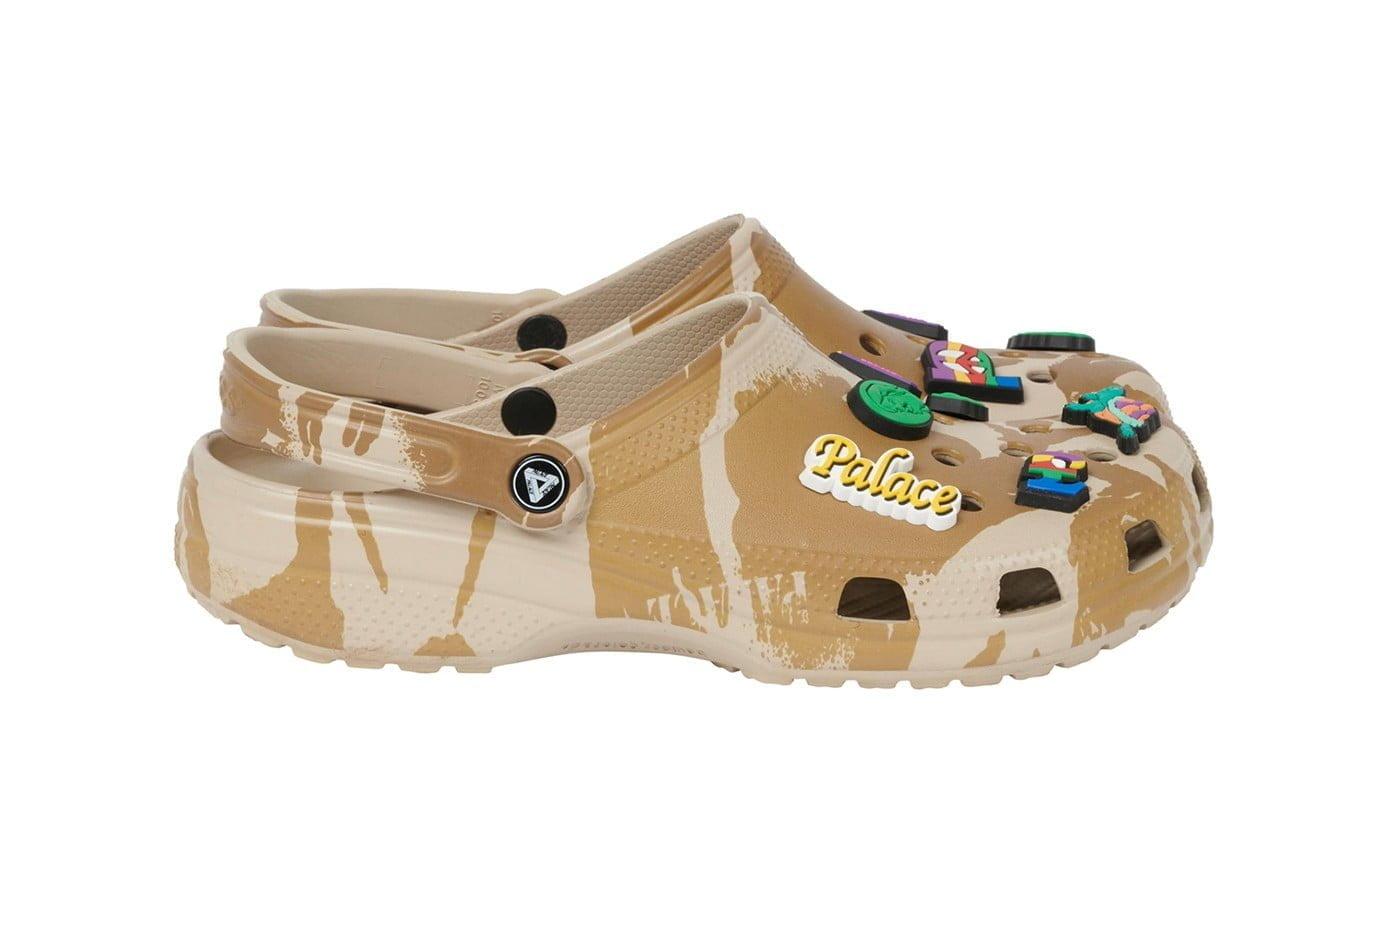 Palace Crocs 02 Palace x Crocs